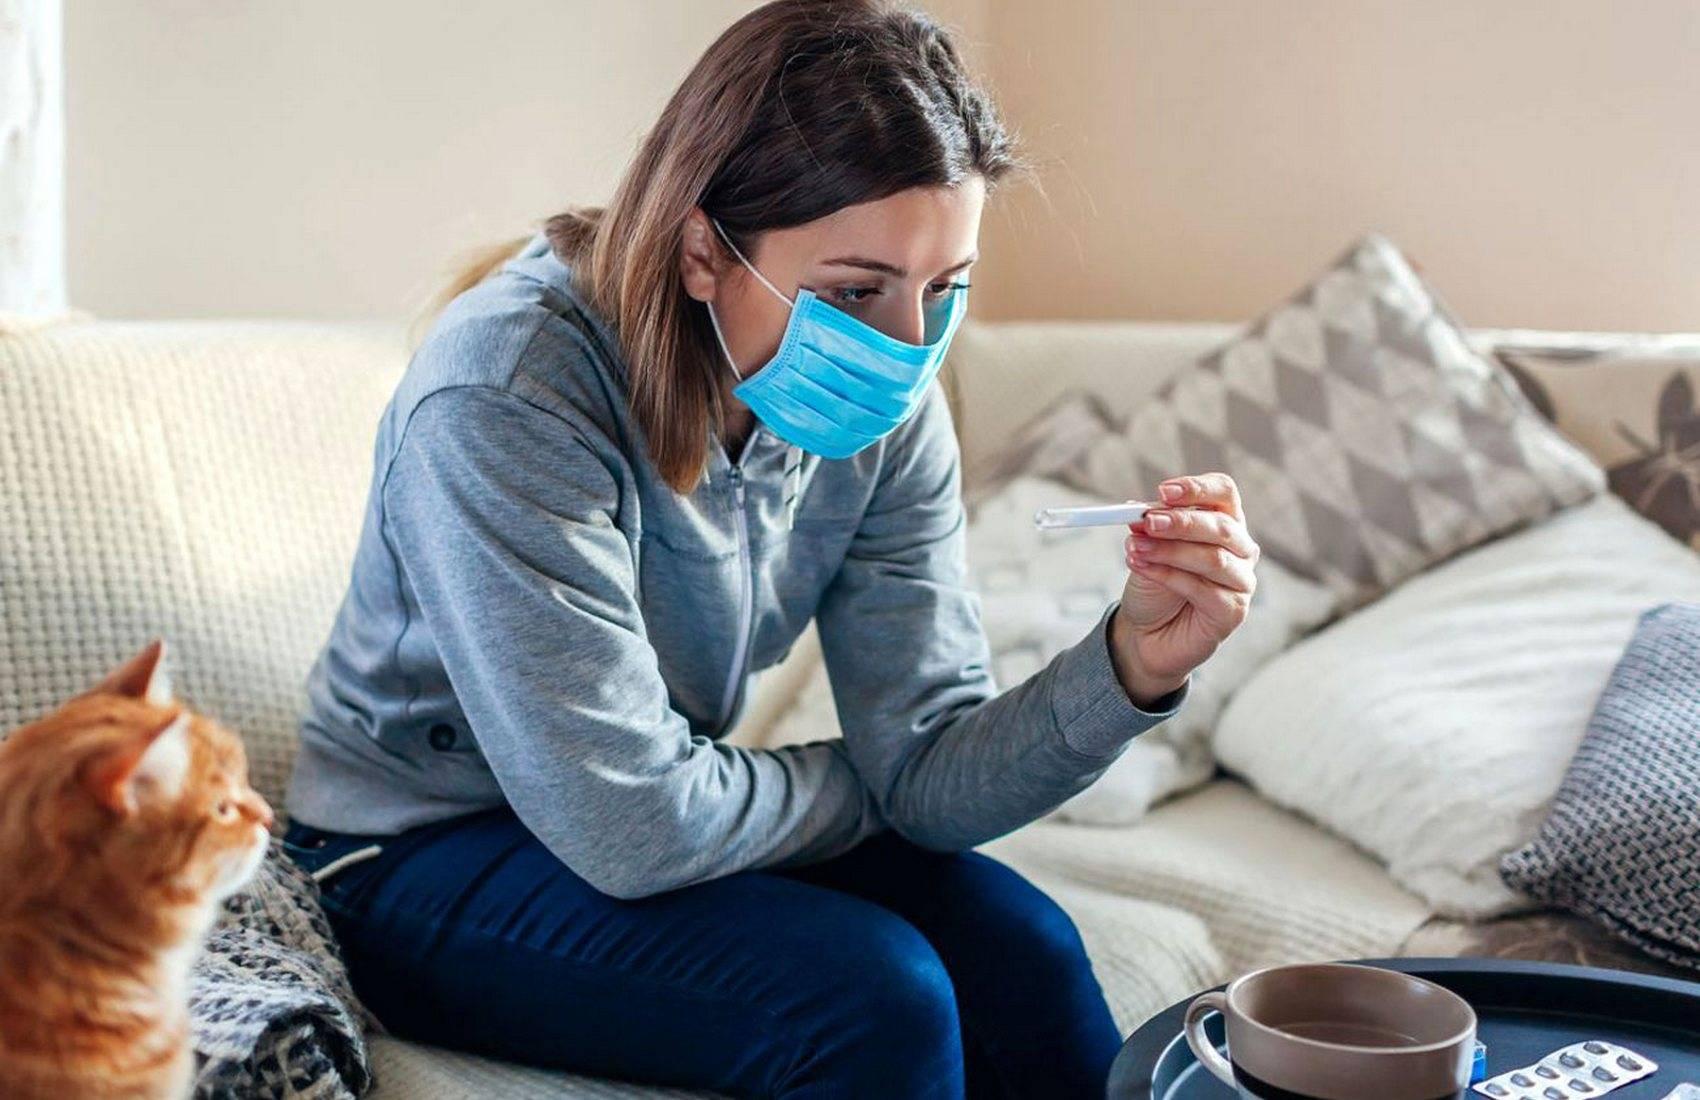 Кошачья простуда: вся важная информация о заболевании